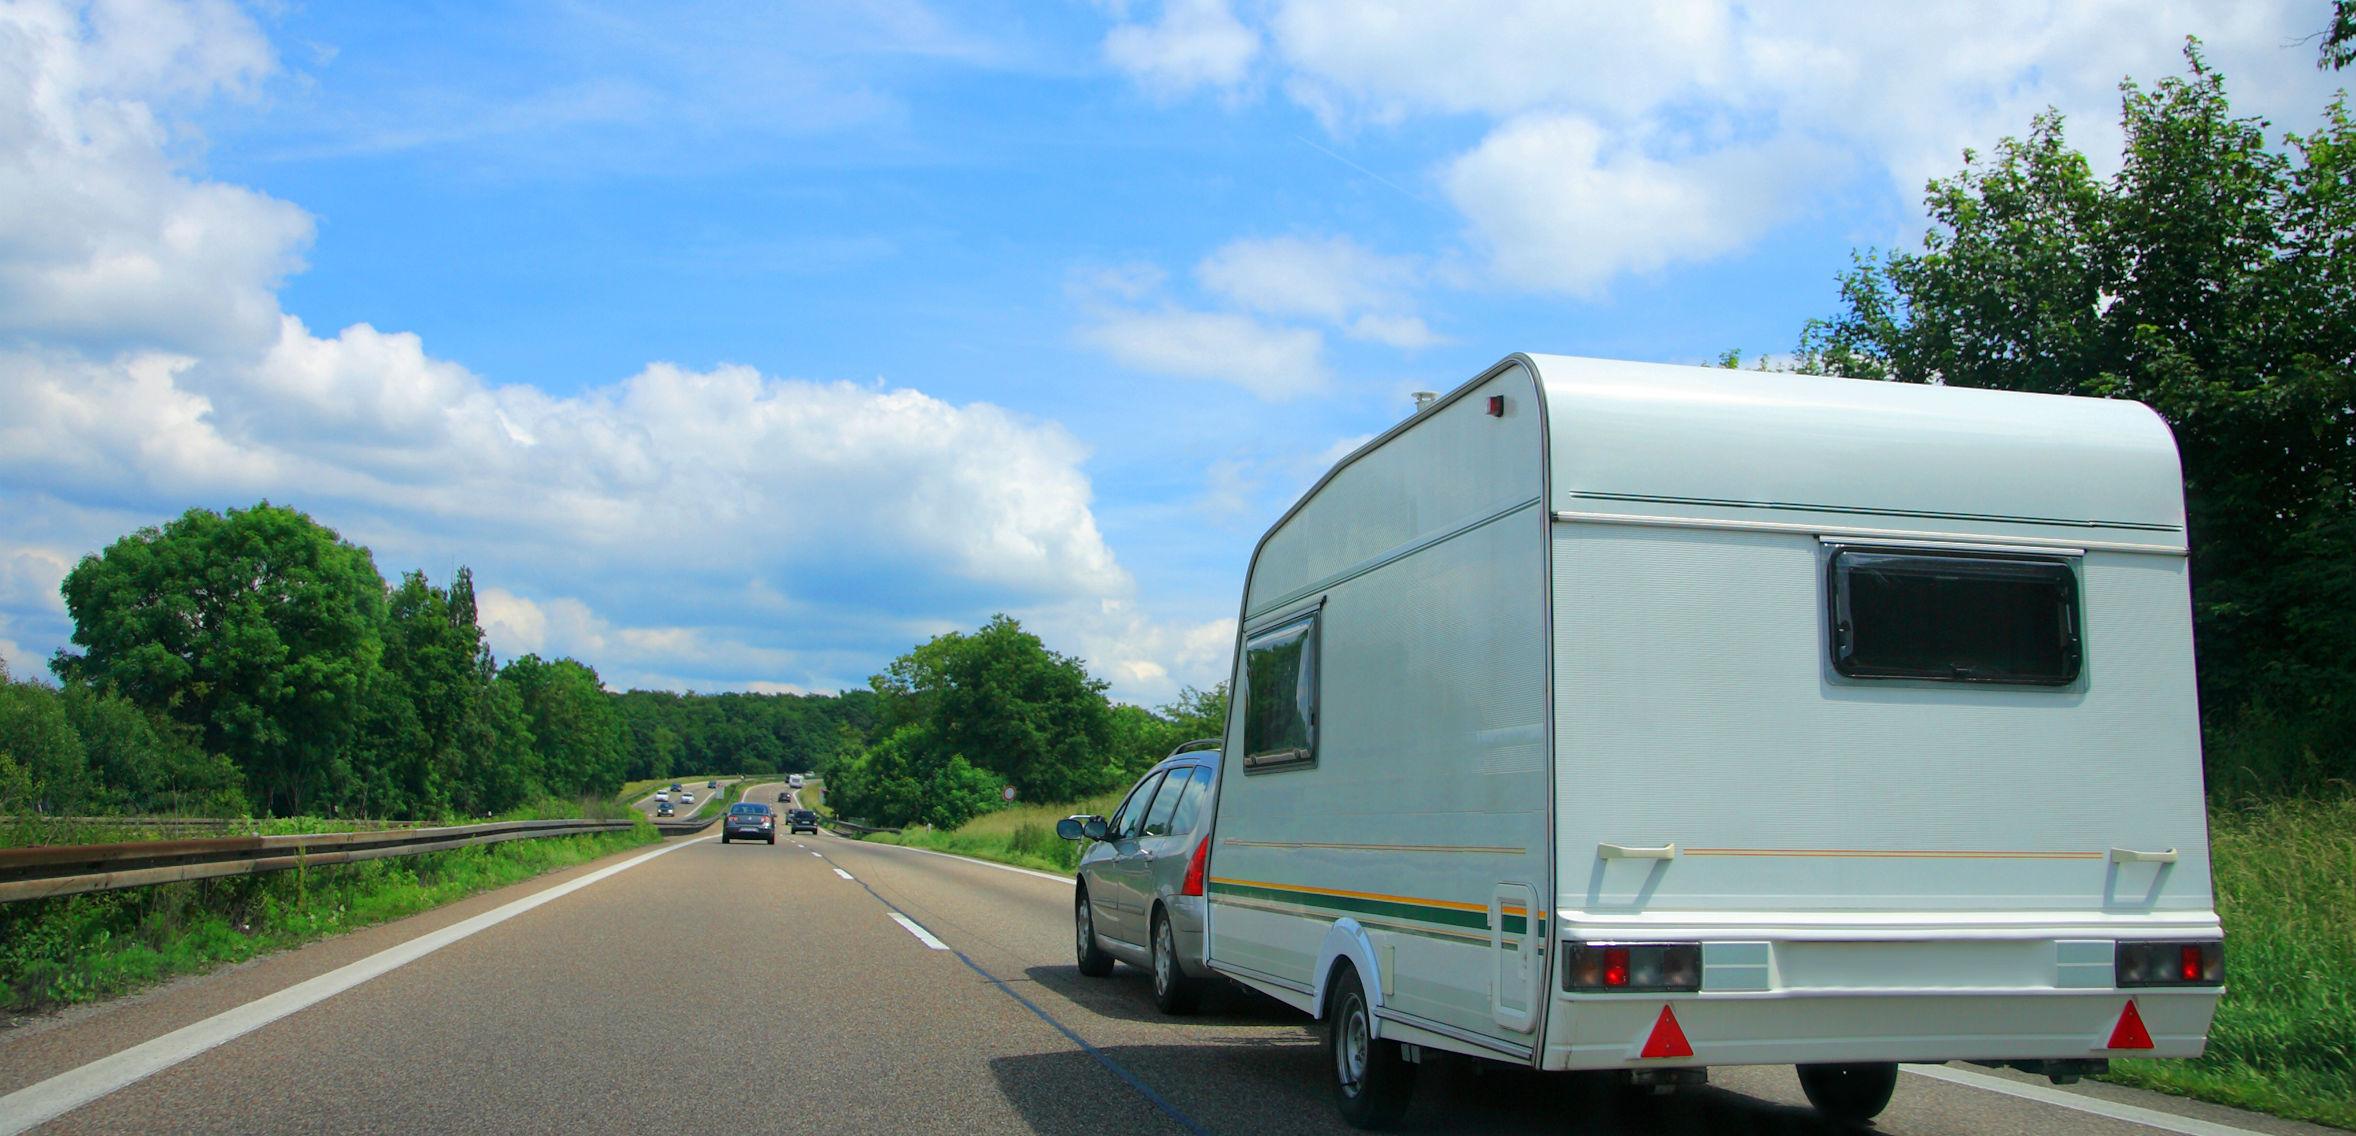 raad-til-koeb-af-campingvogn